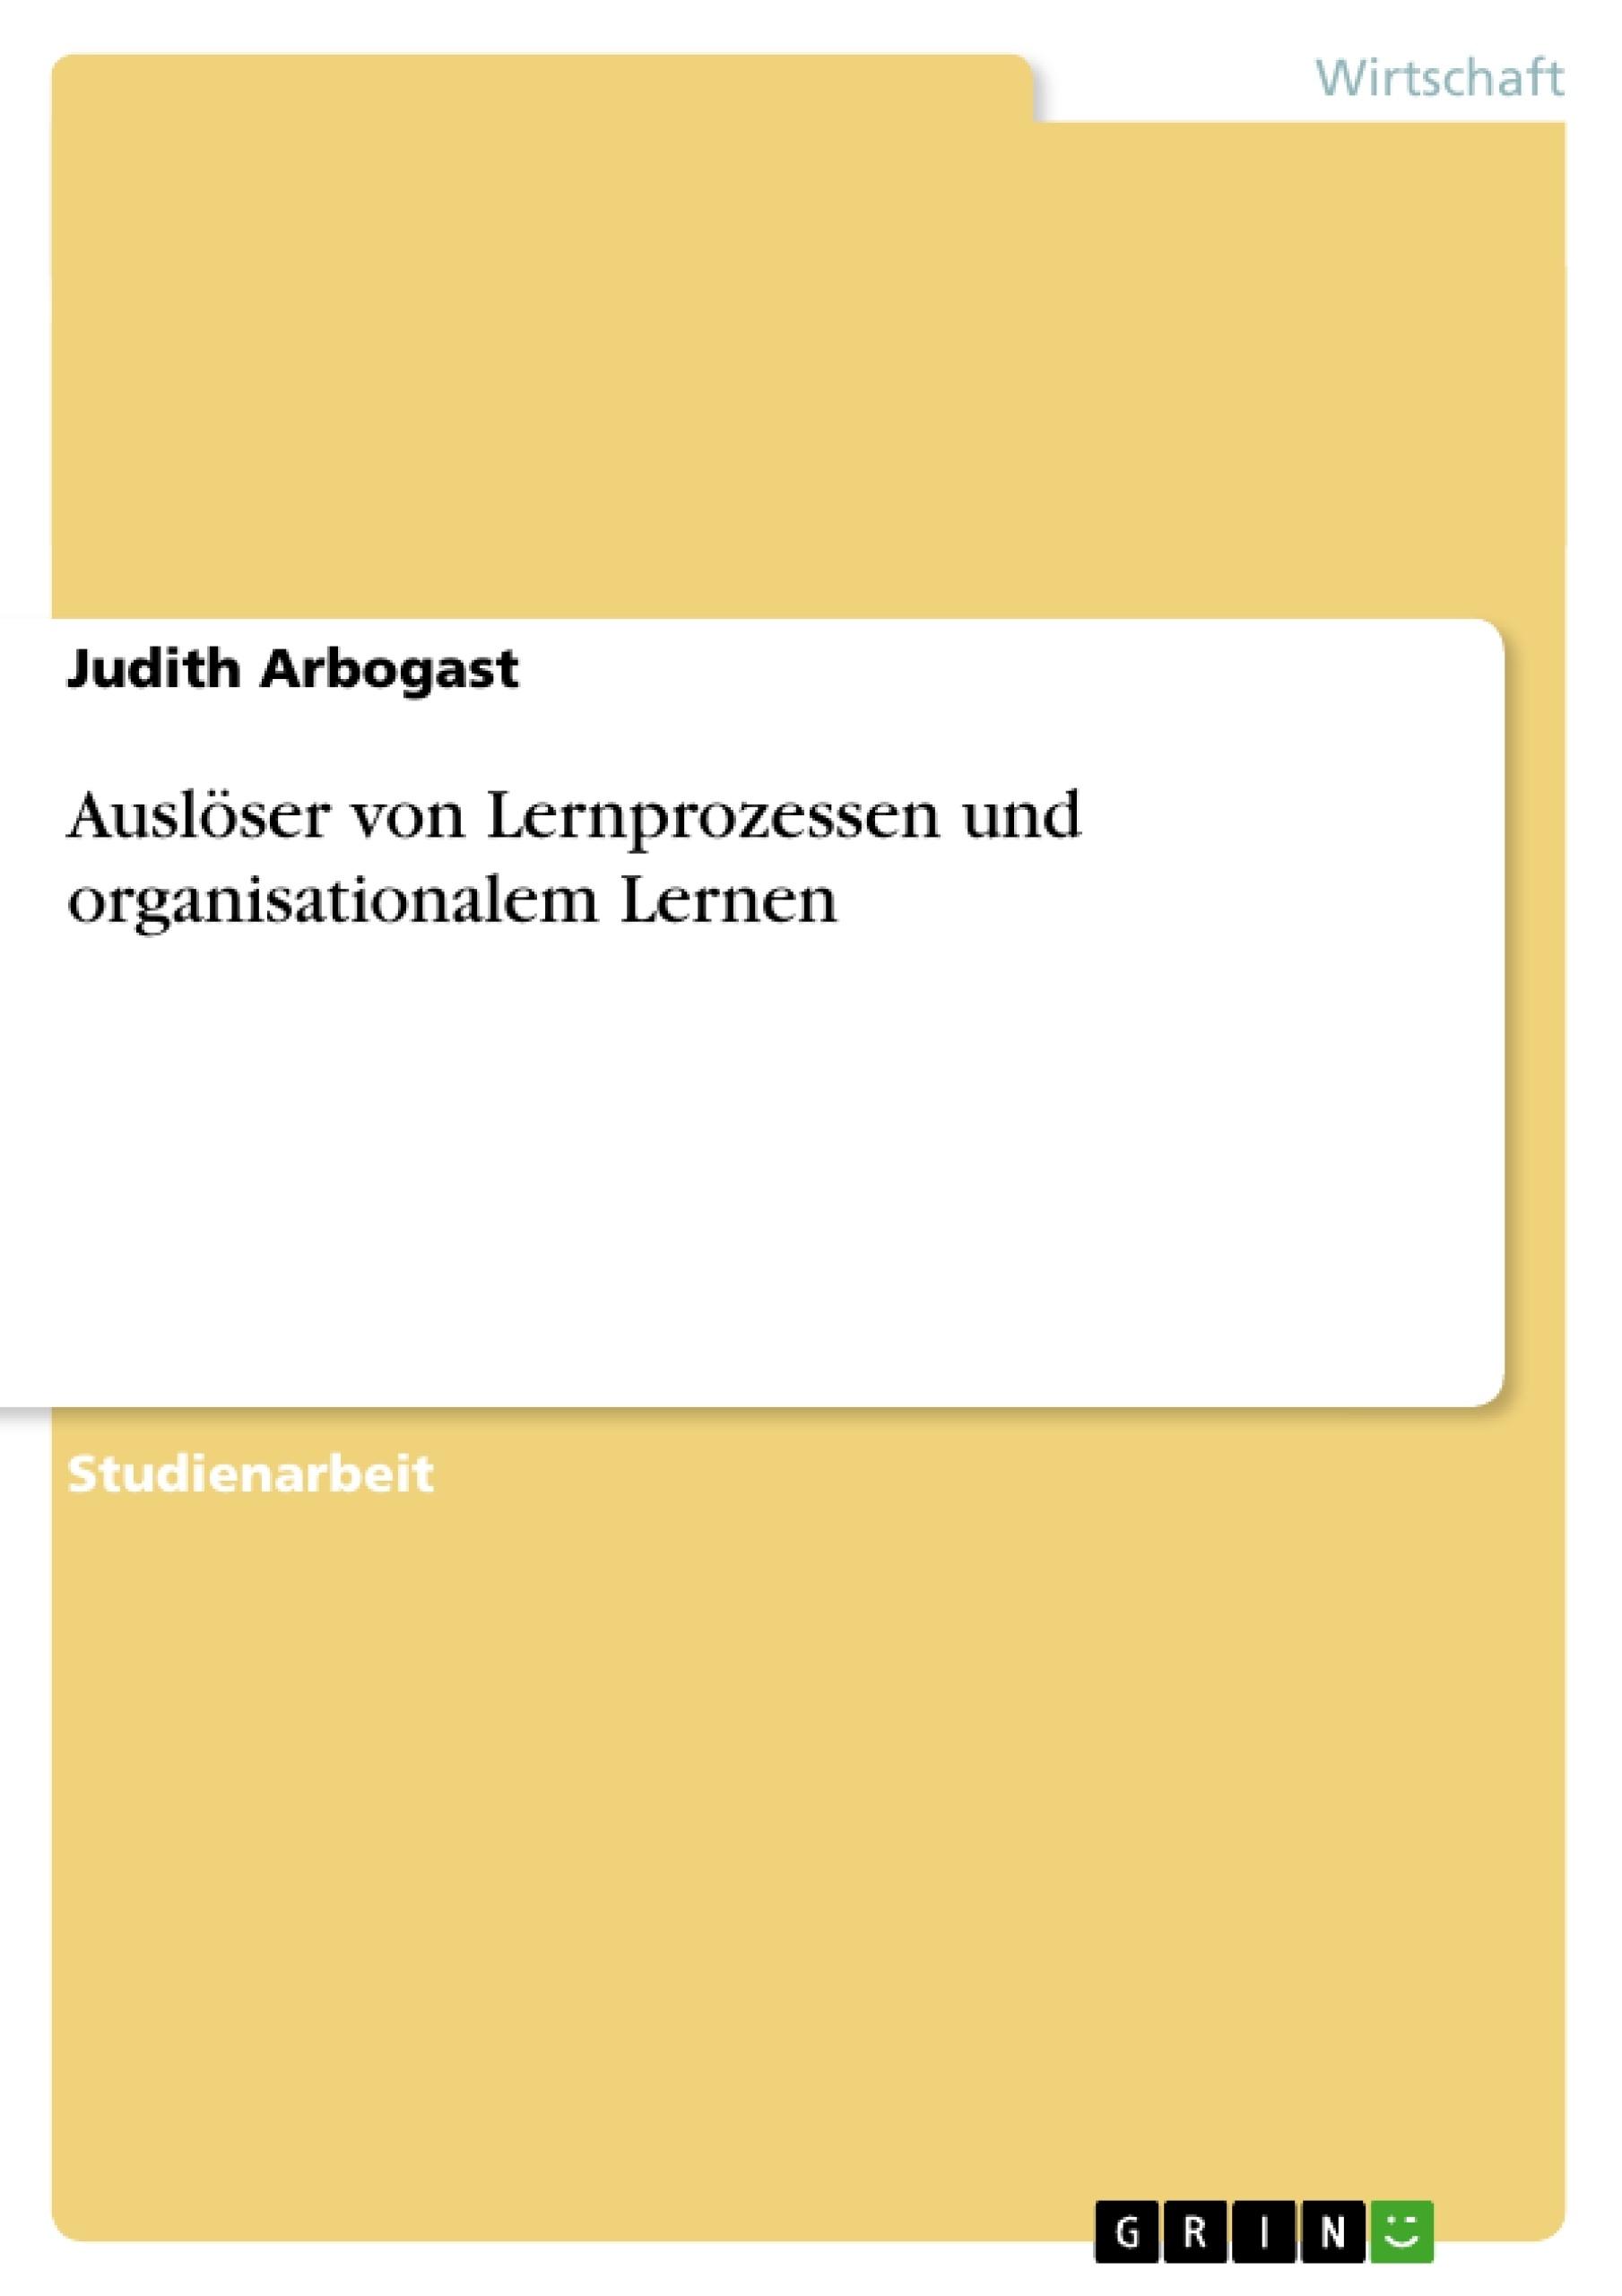 Titel: Auslöser von Lernprozessen und organisationalem Lernen